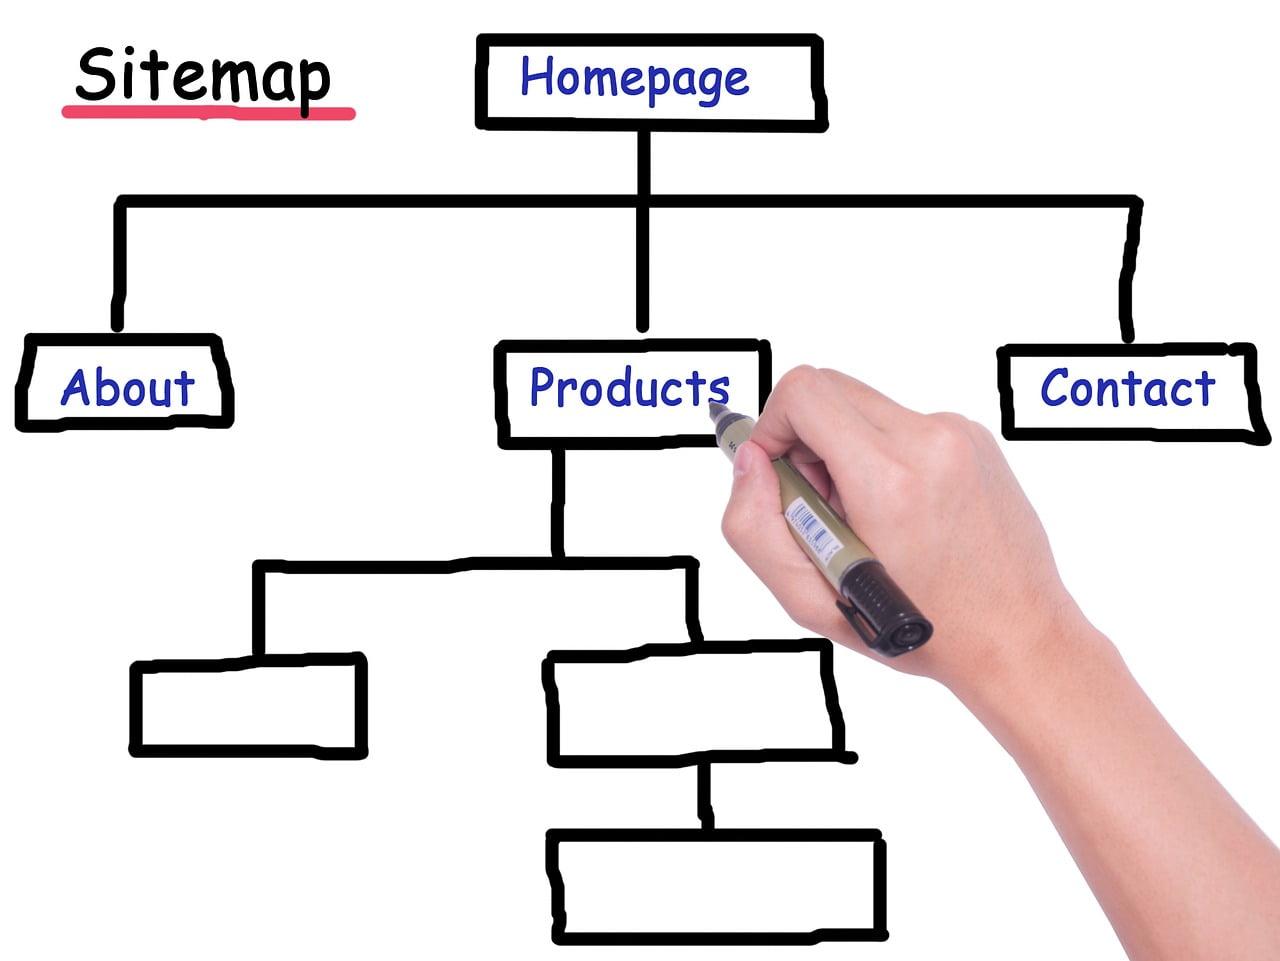 プラグインGoogle XML Sitemapsでサイトマップを作成し送信する方法